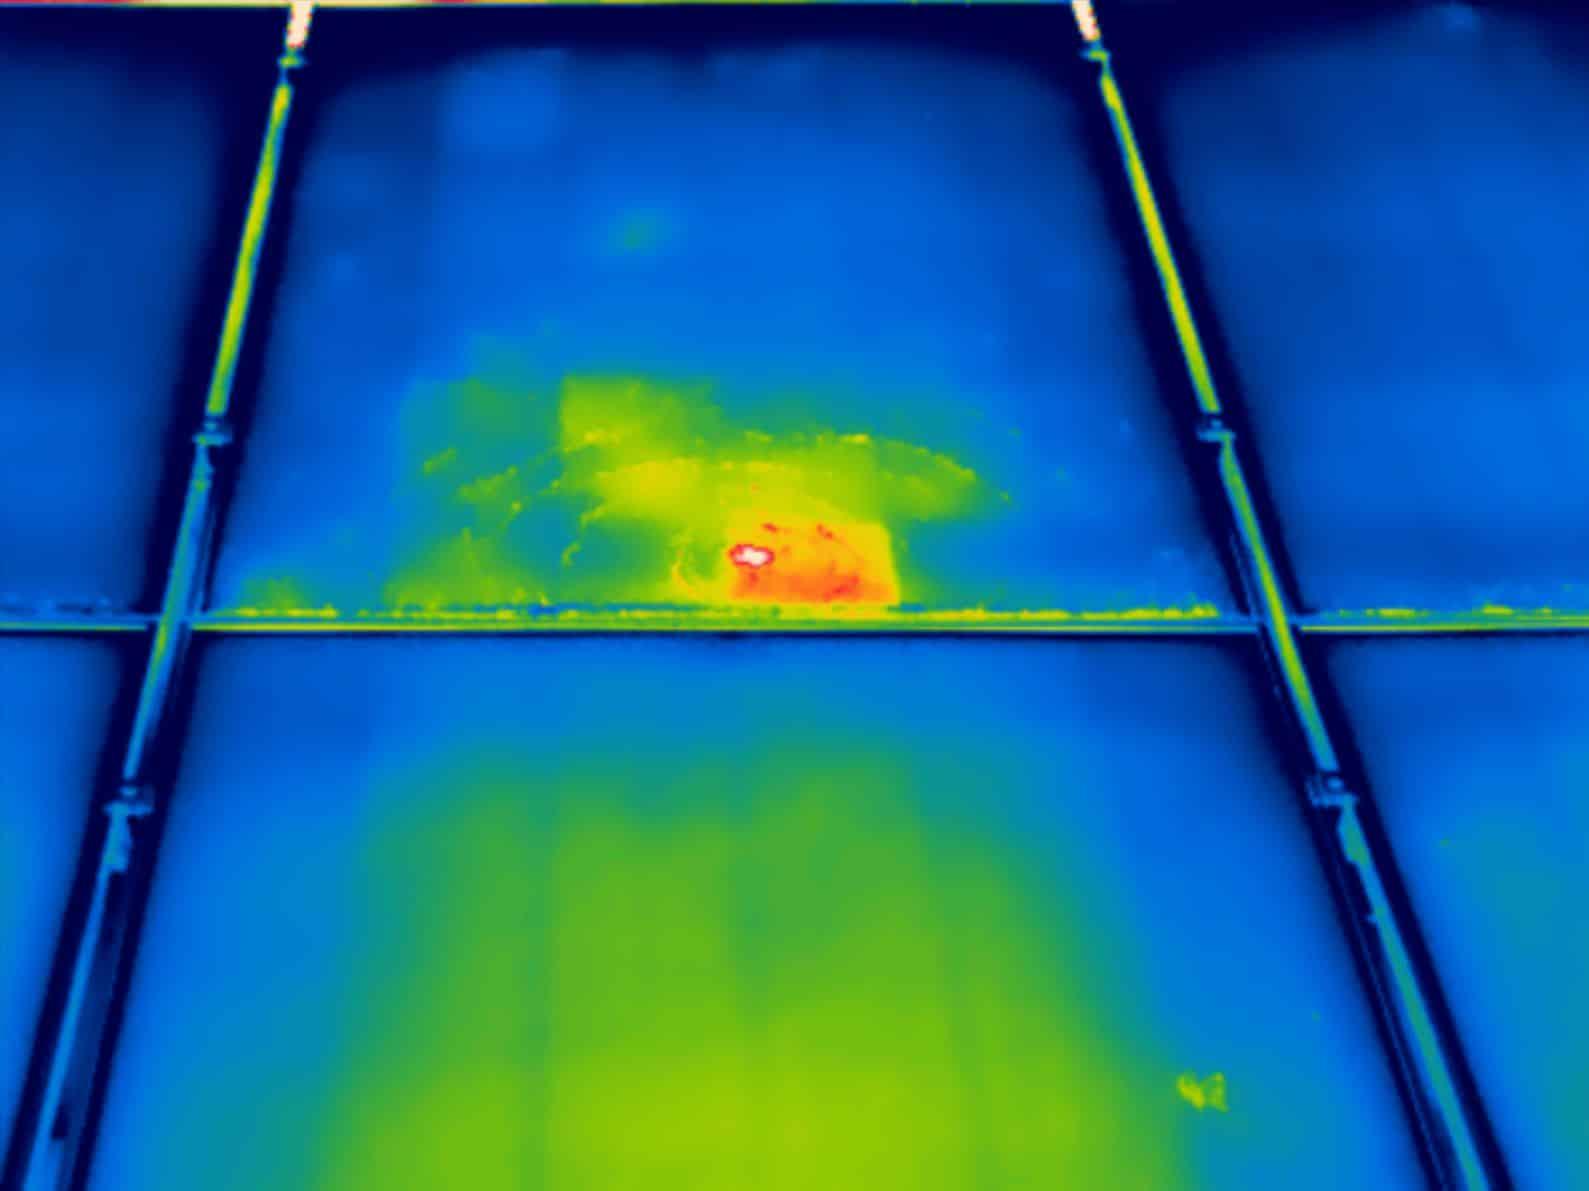 Thermografie inspectie bij opsporen schade zonnepanelen